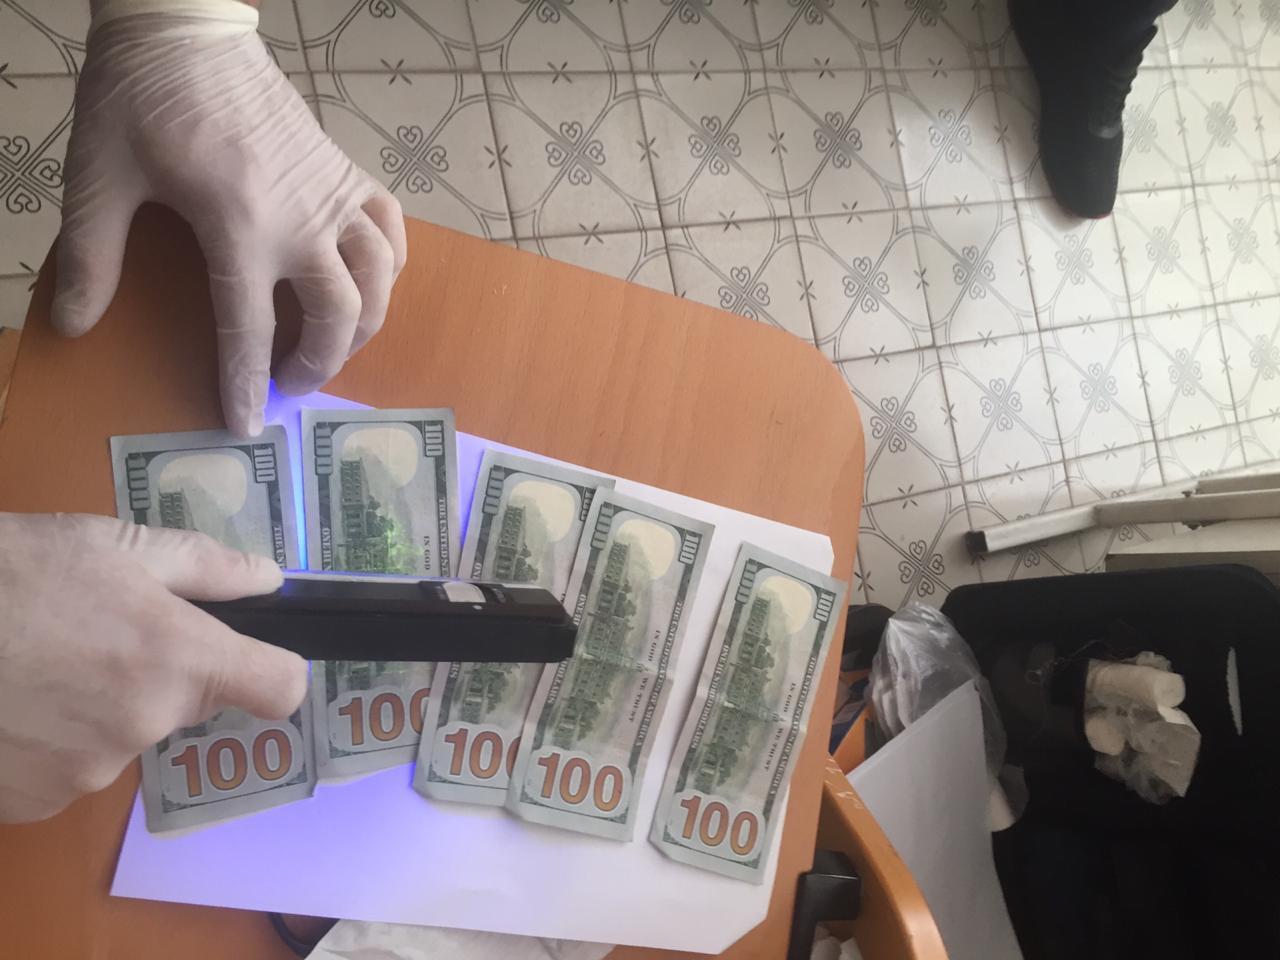 На Тернопільщині завідувач відділення лікарні отримав 500 доларів США неправомірної вигоди за призначення інвалідності